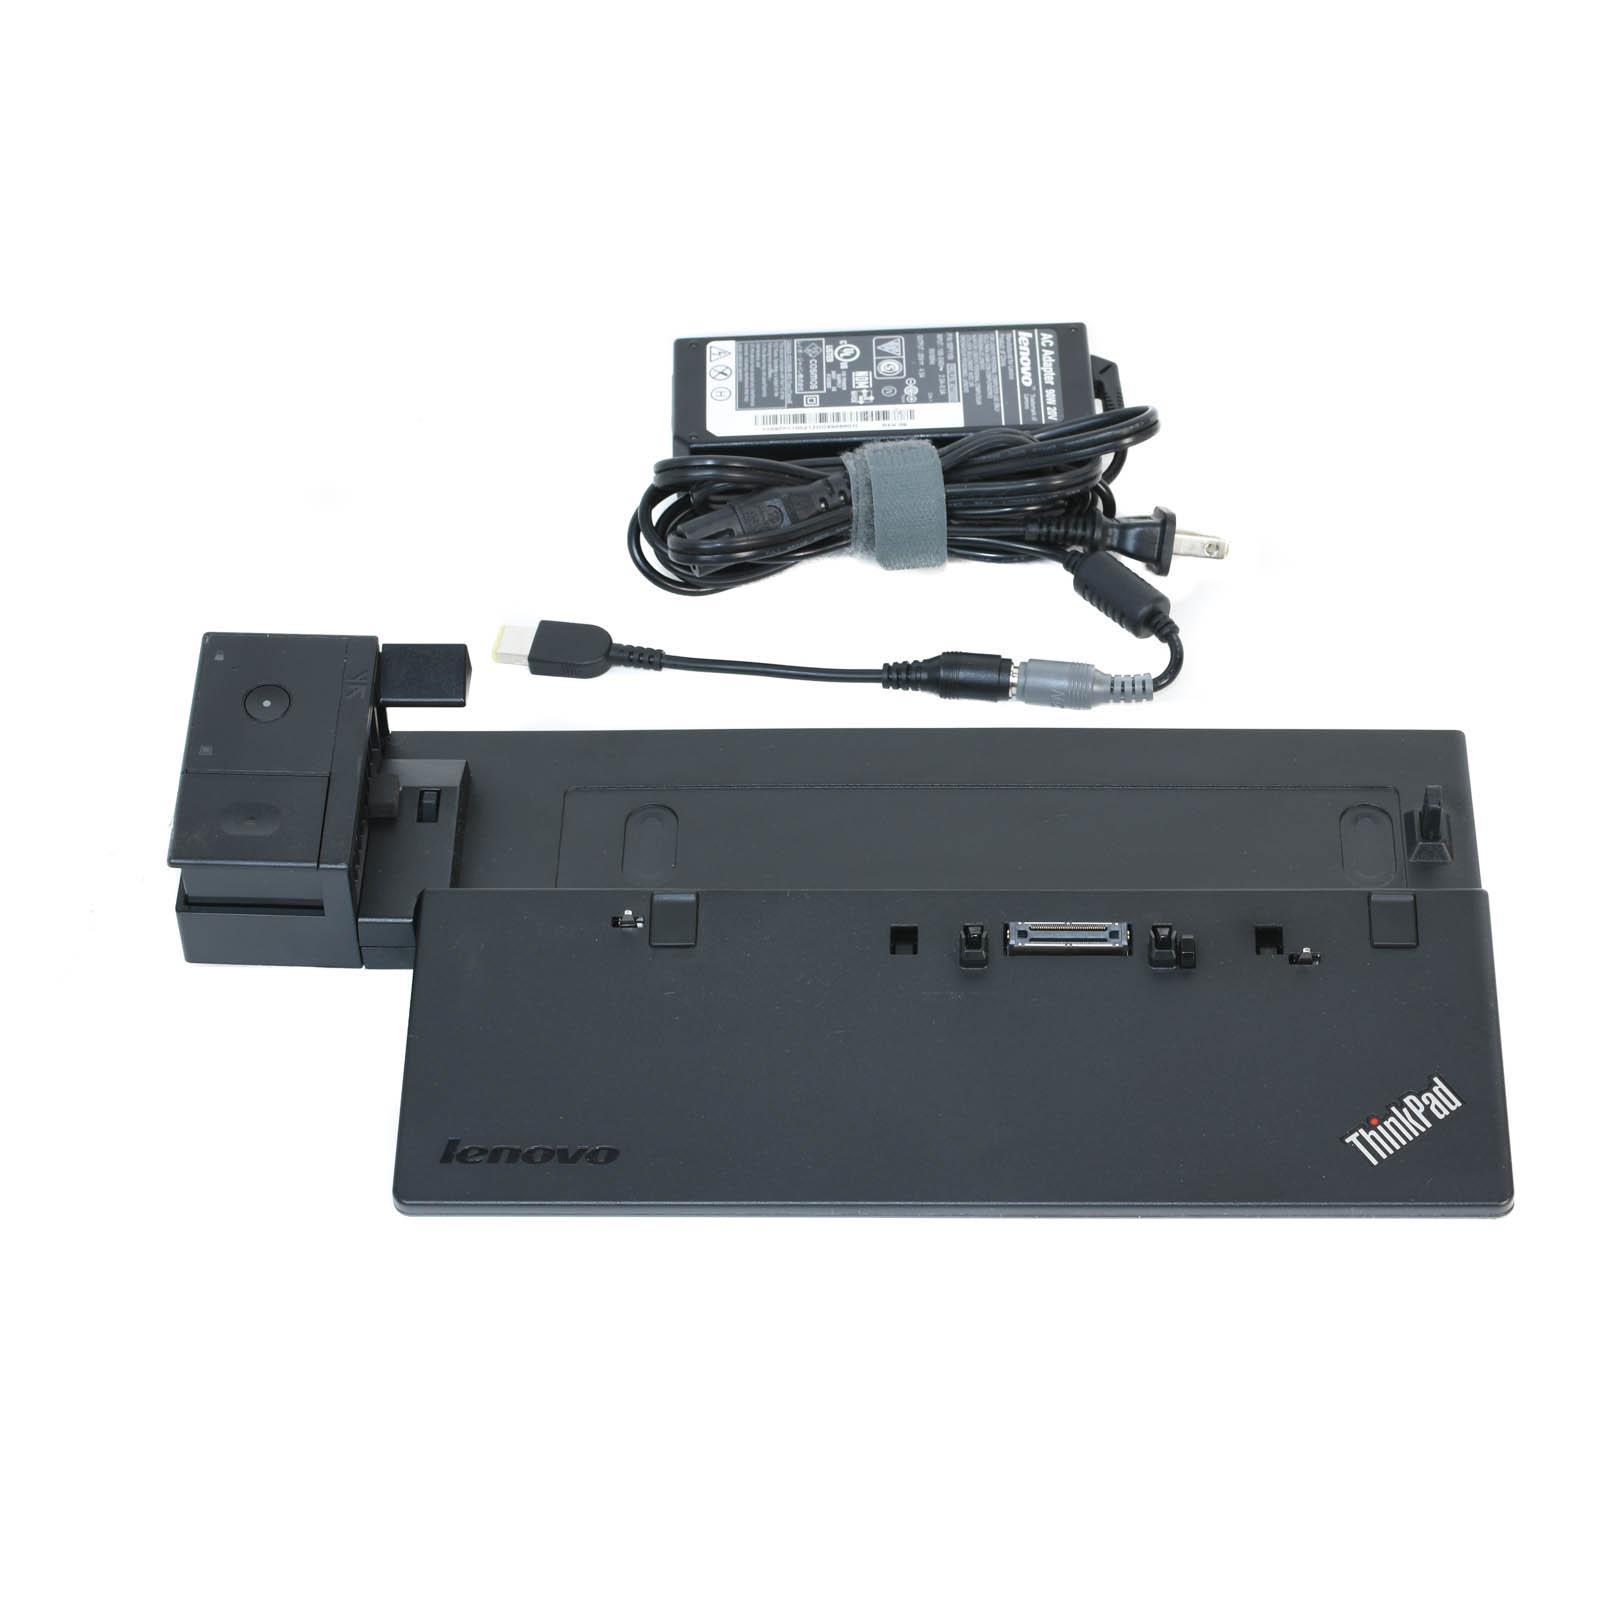 Lenovo ThinkPad Pro Dock 40a2 HDMI Docking Station per t450 t550 l540 l440 x250